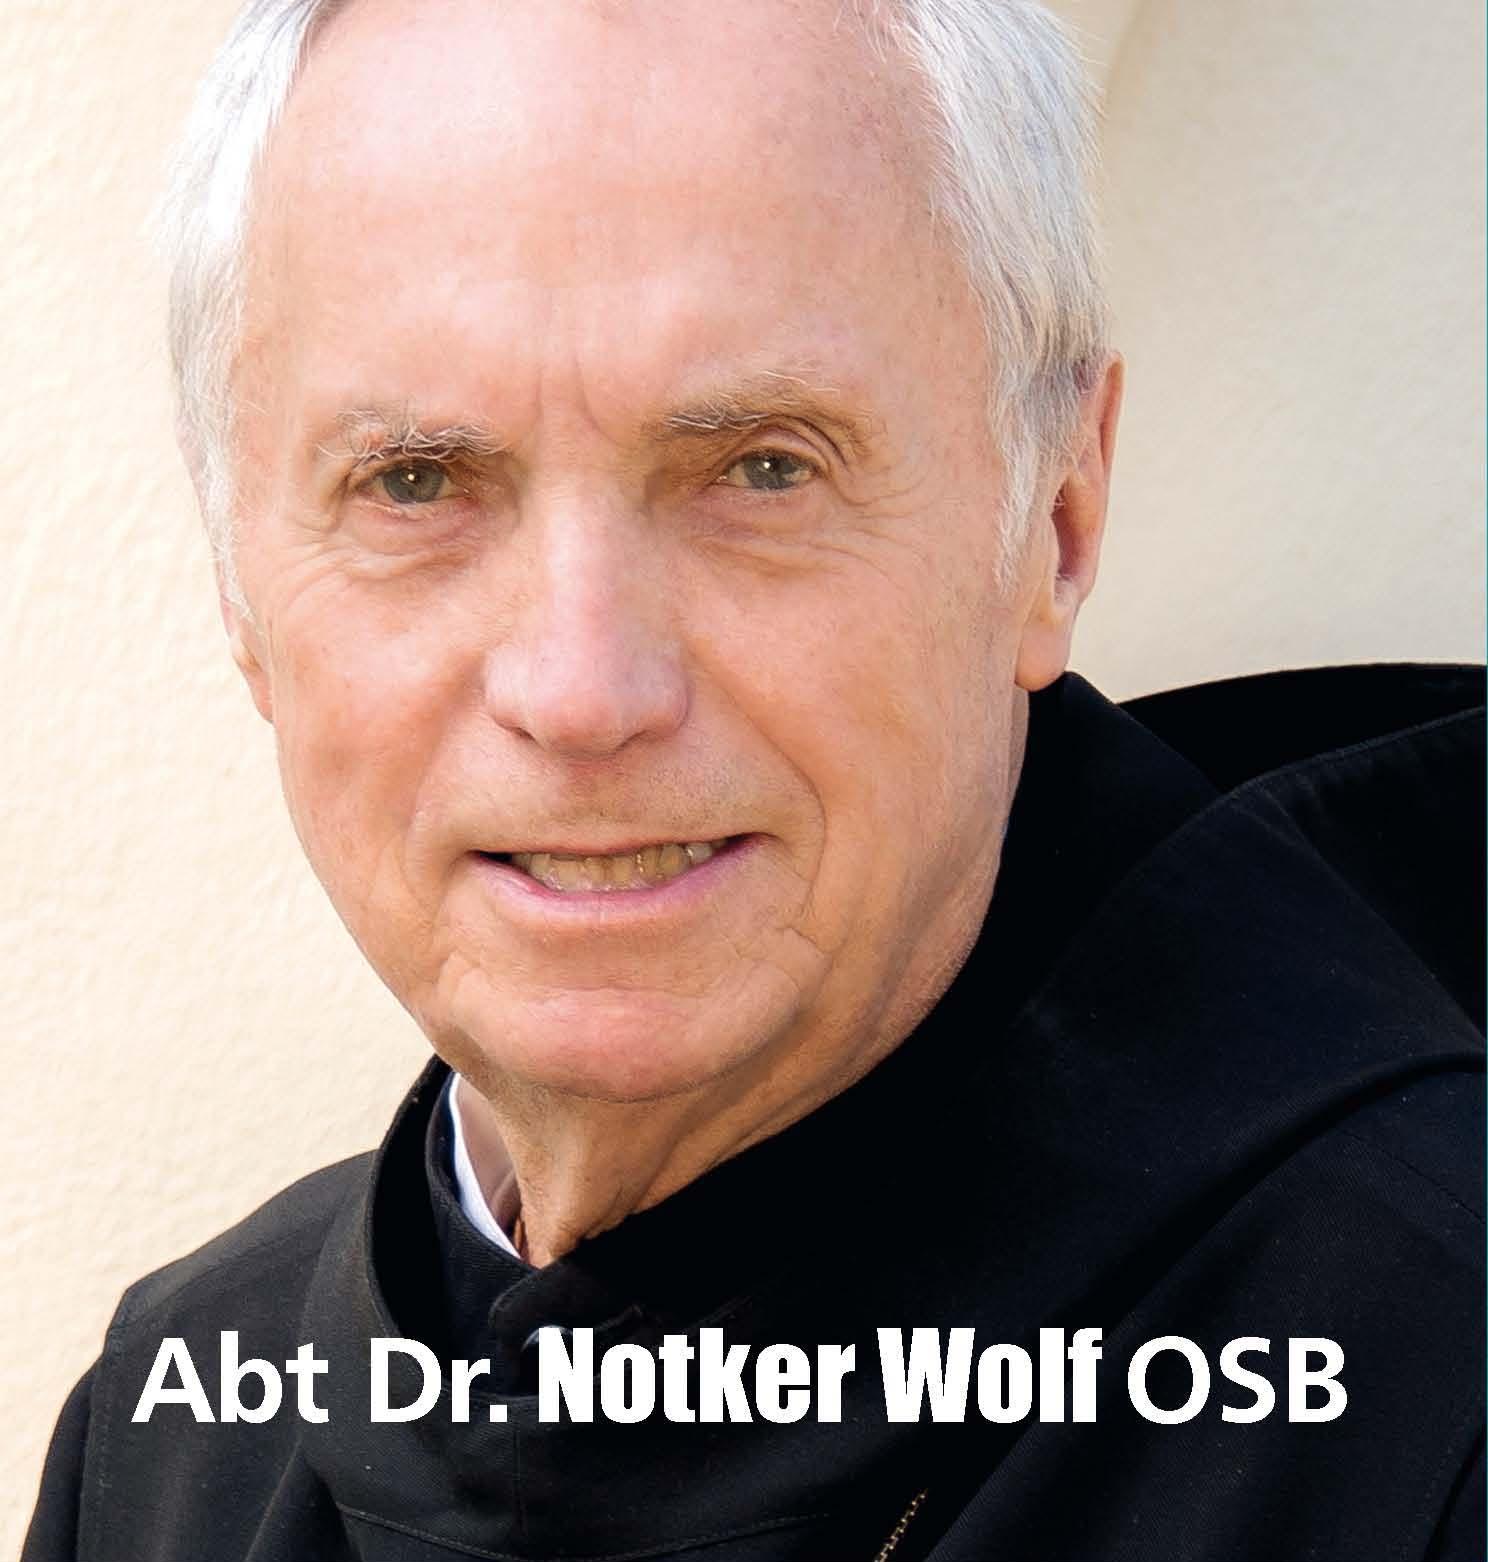 Vortrag Dr. Notker Wolf am 27.09.2019